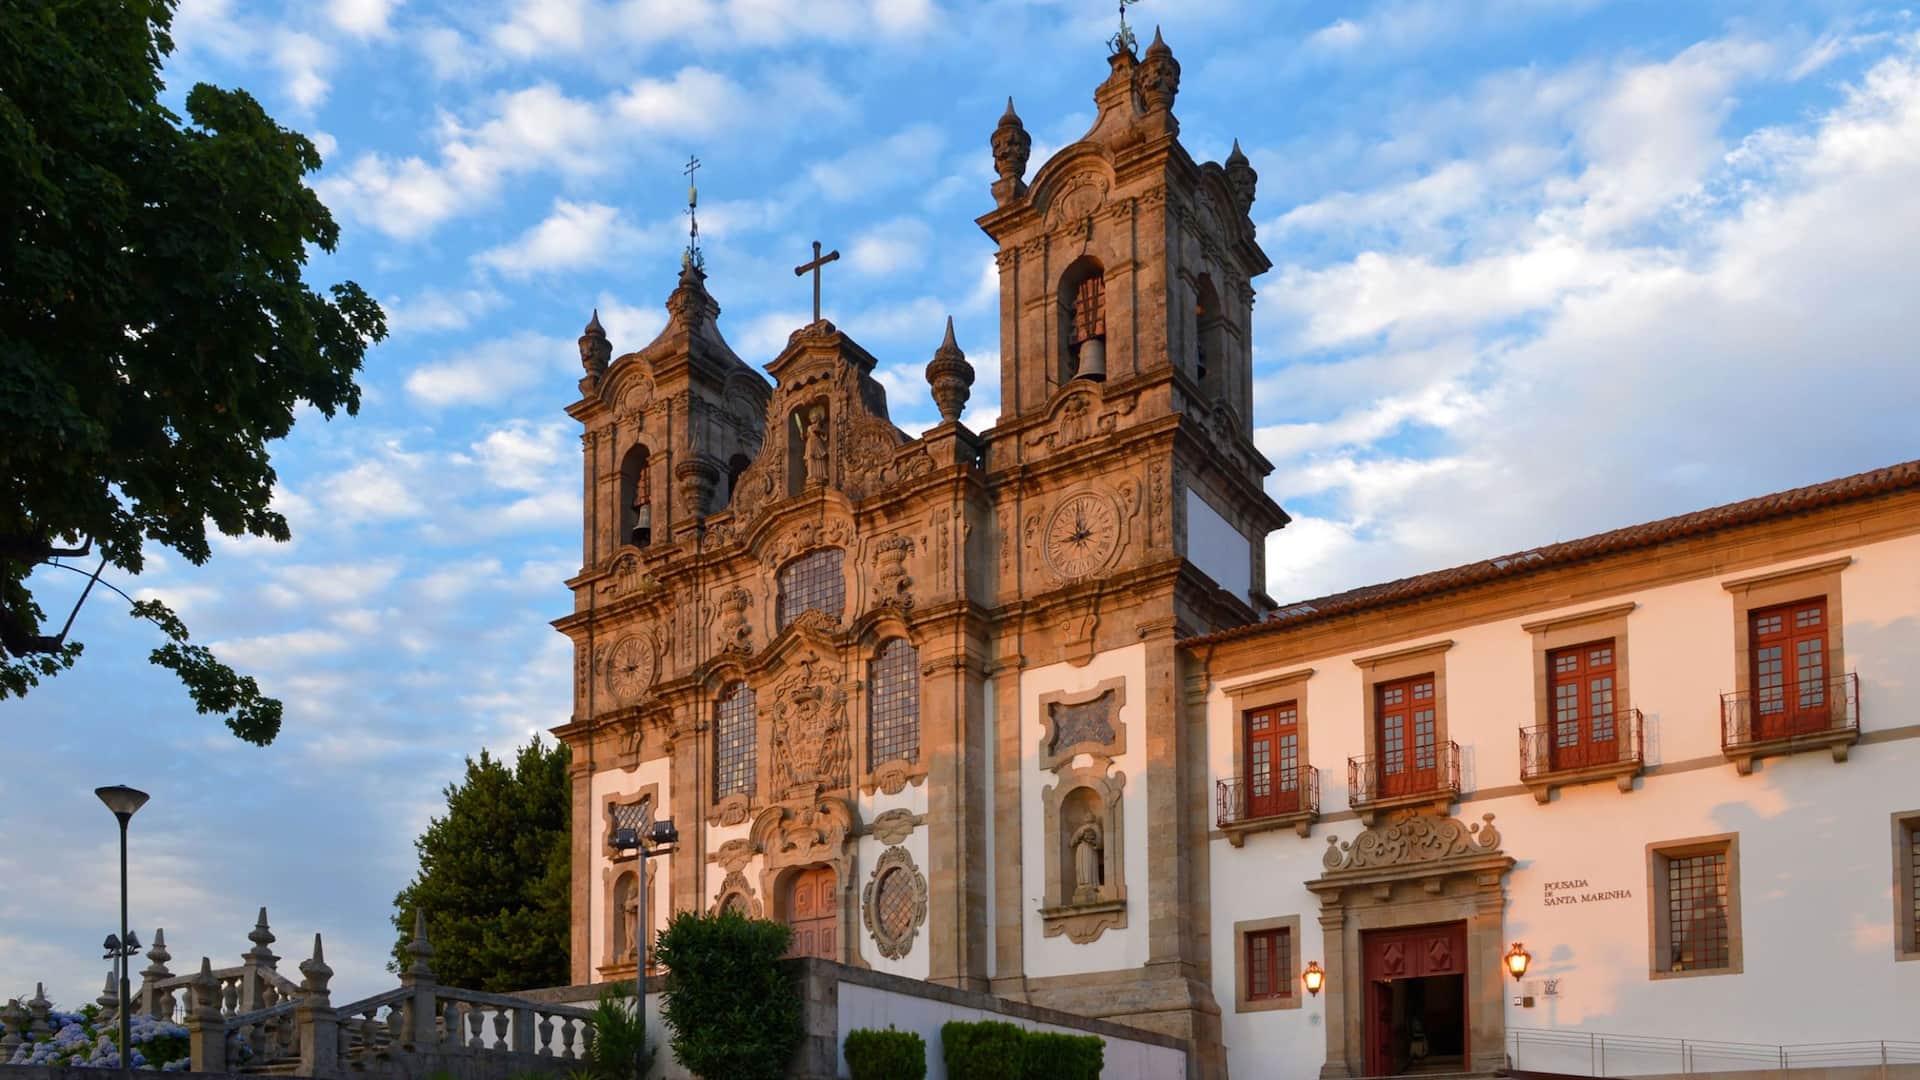 Pousada Mosteiro de Guimaraes exterior